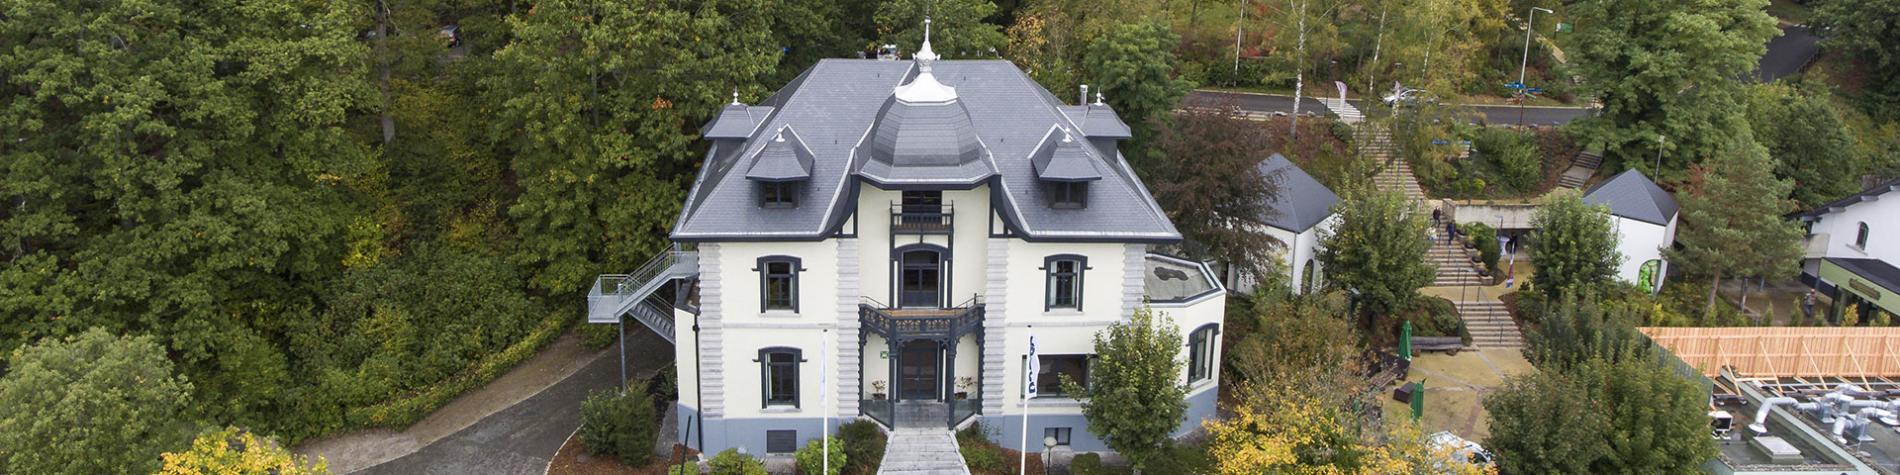 Center Parcs - Les Ardennes - loisirs - business